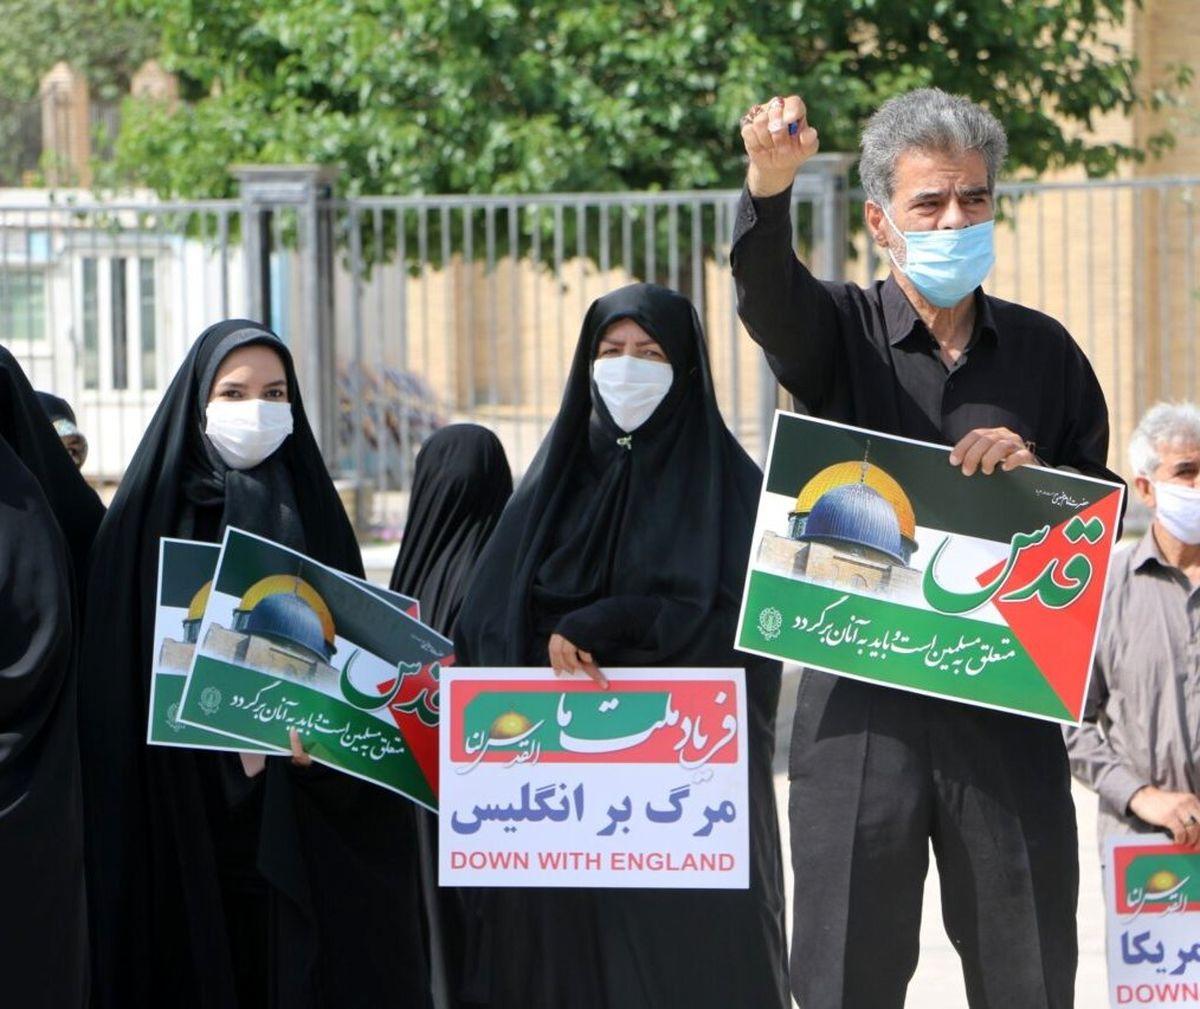 چند تجمع خودجوش مردمی در حمایت از فلسطینیان در مشهد برگزار شد